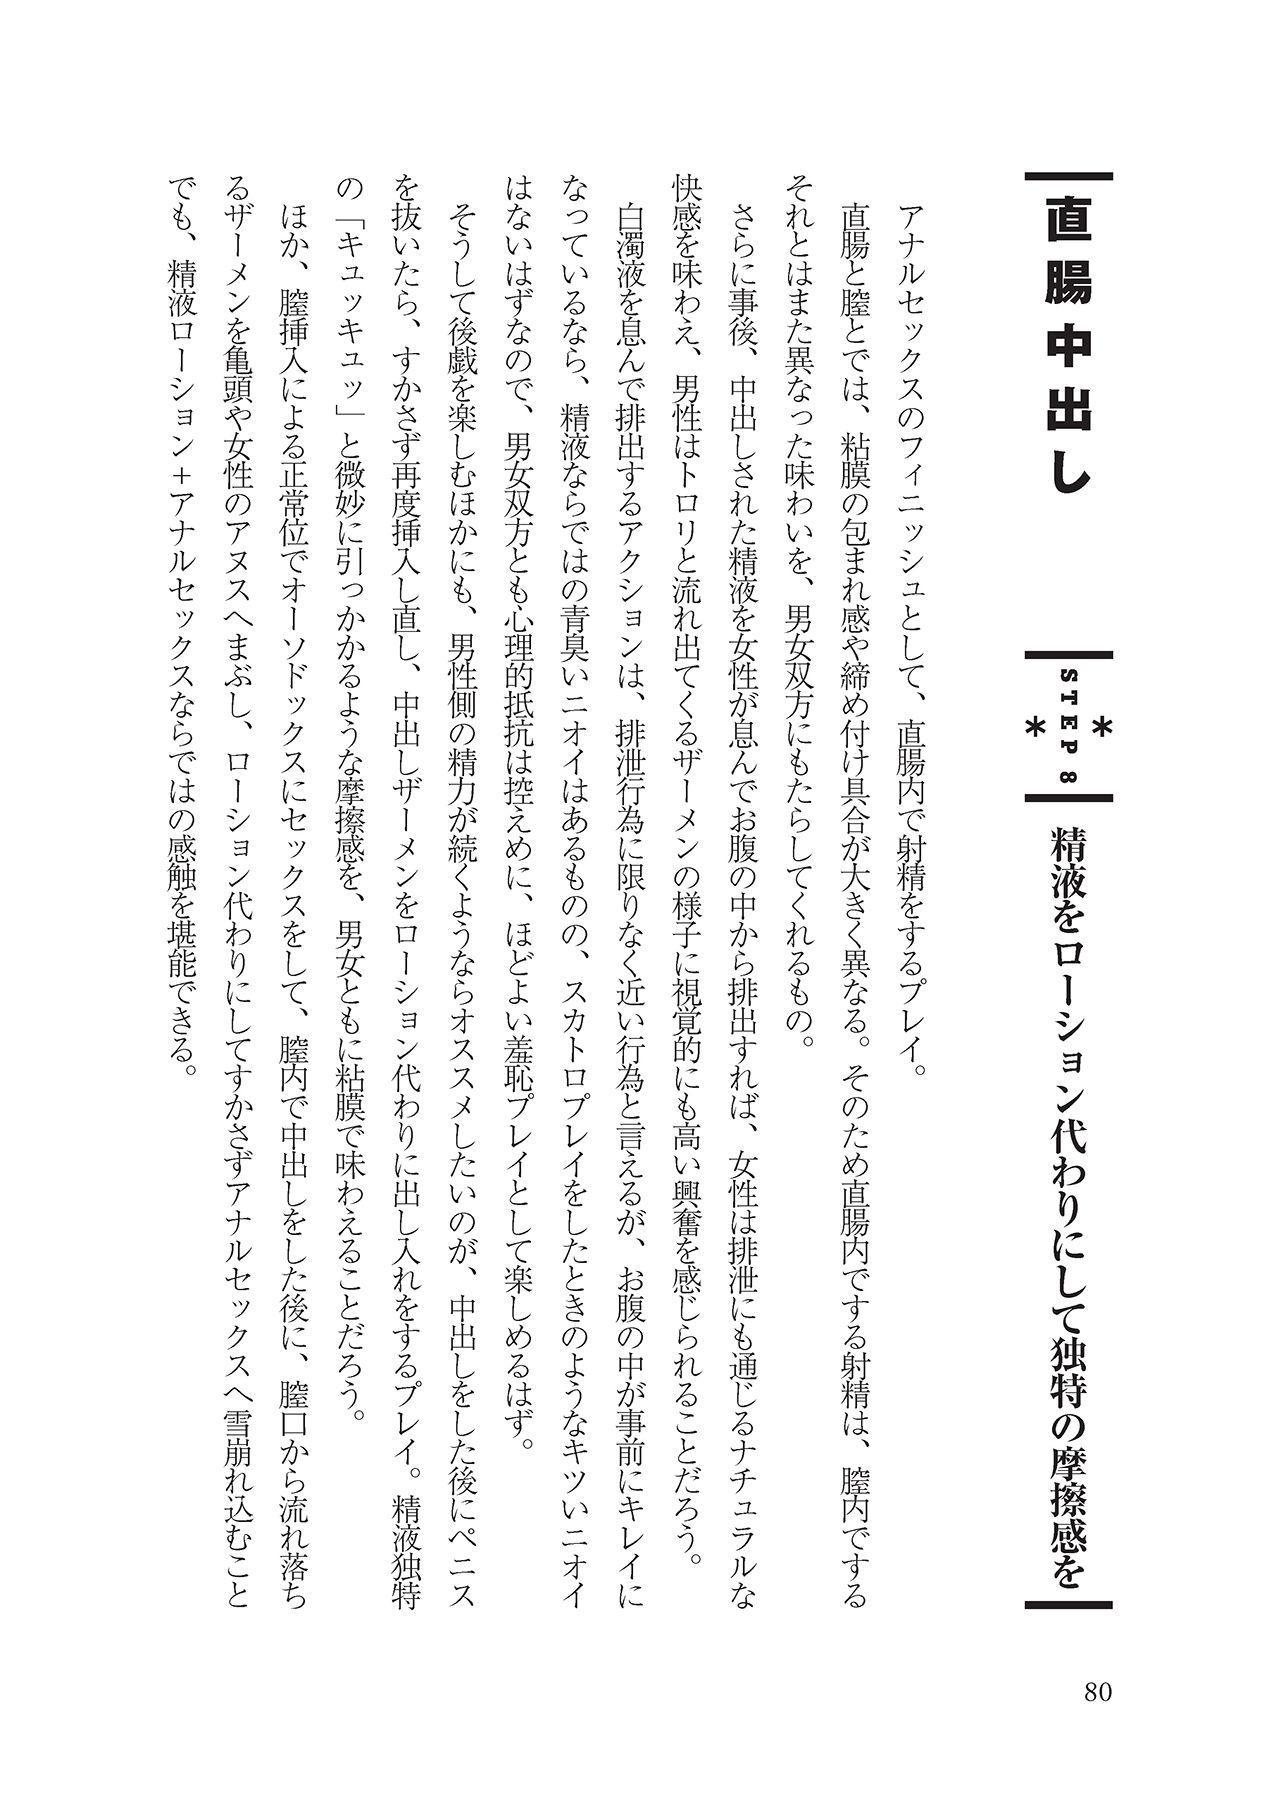 アナル性感開発・お尻エッチ 完全マニュアル 81